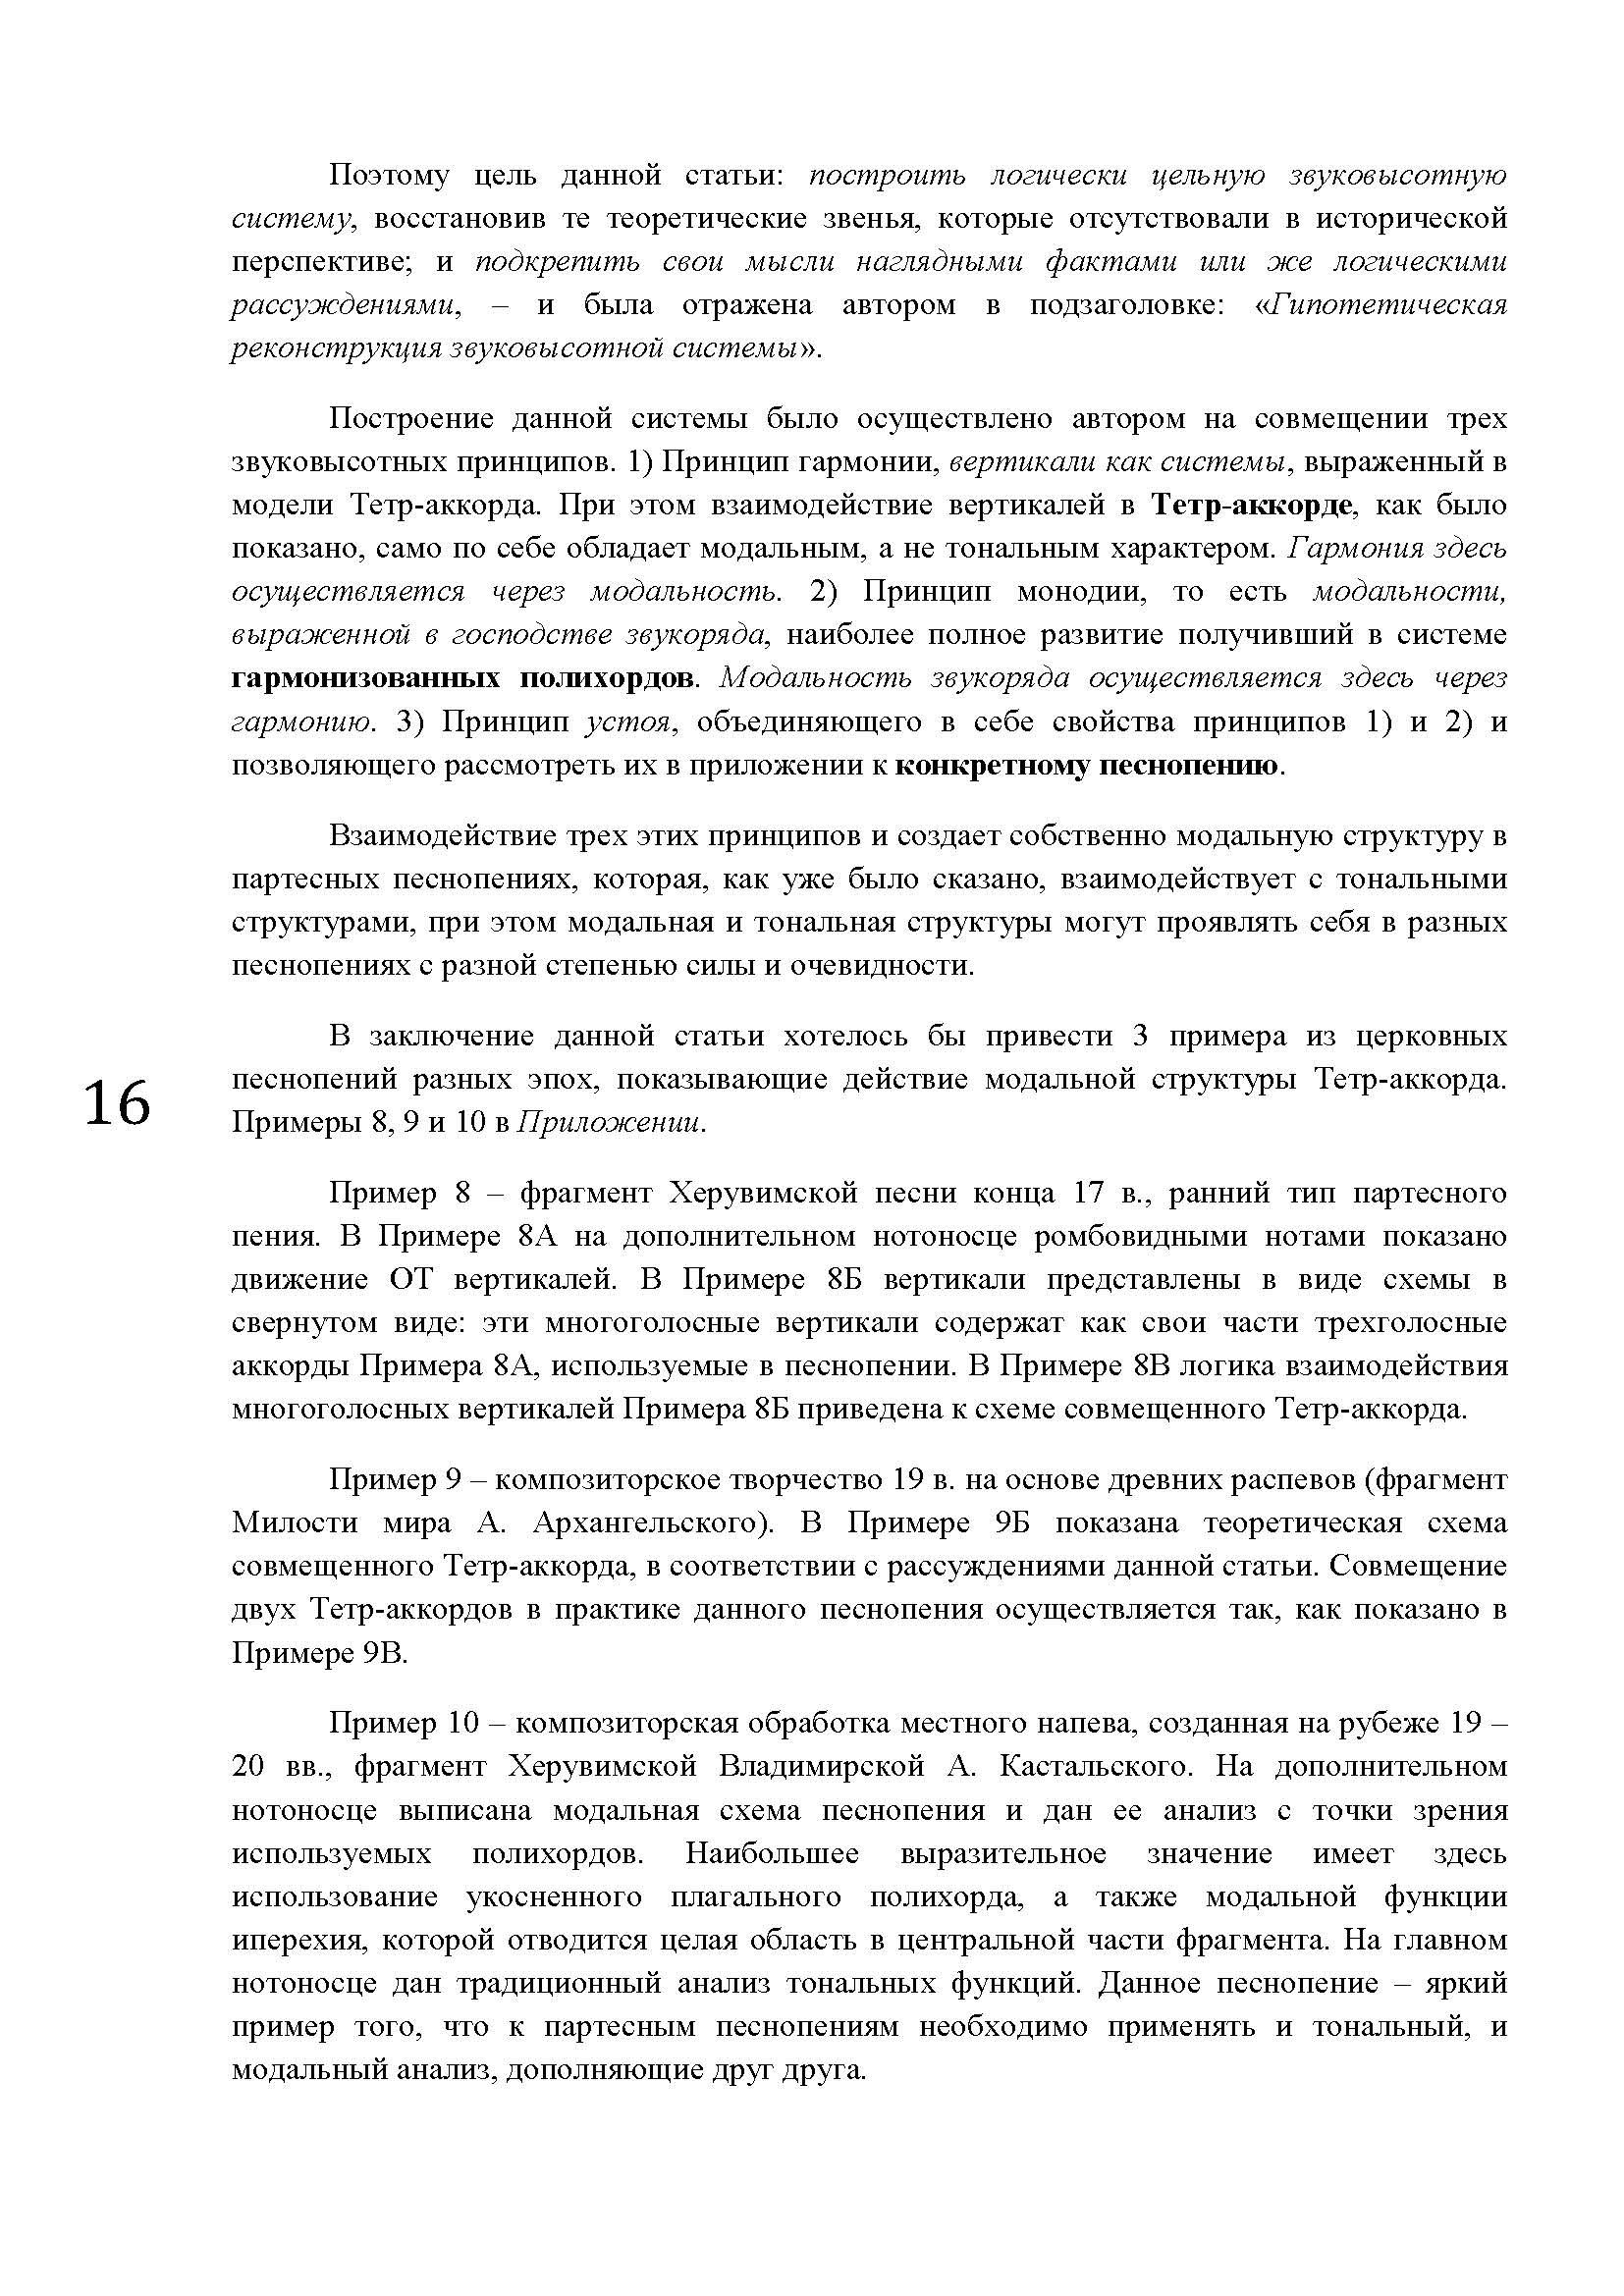 О.ФИЛИПП_ГАРМОНИЯ_ПАРТЕСНОГО_ПЕНИЯ_+_Страница_16